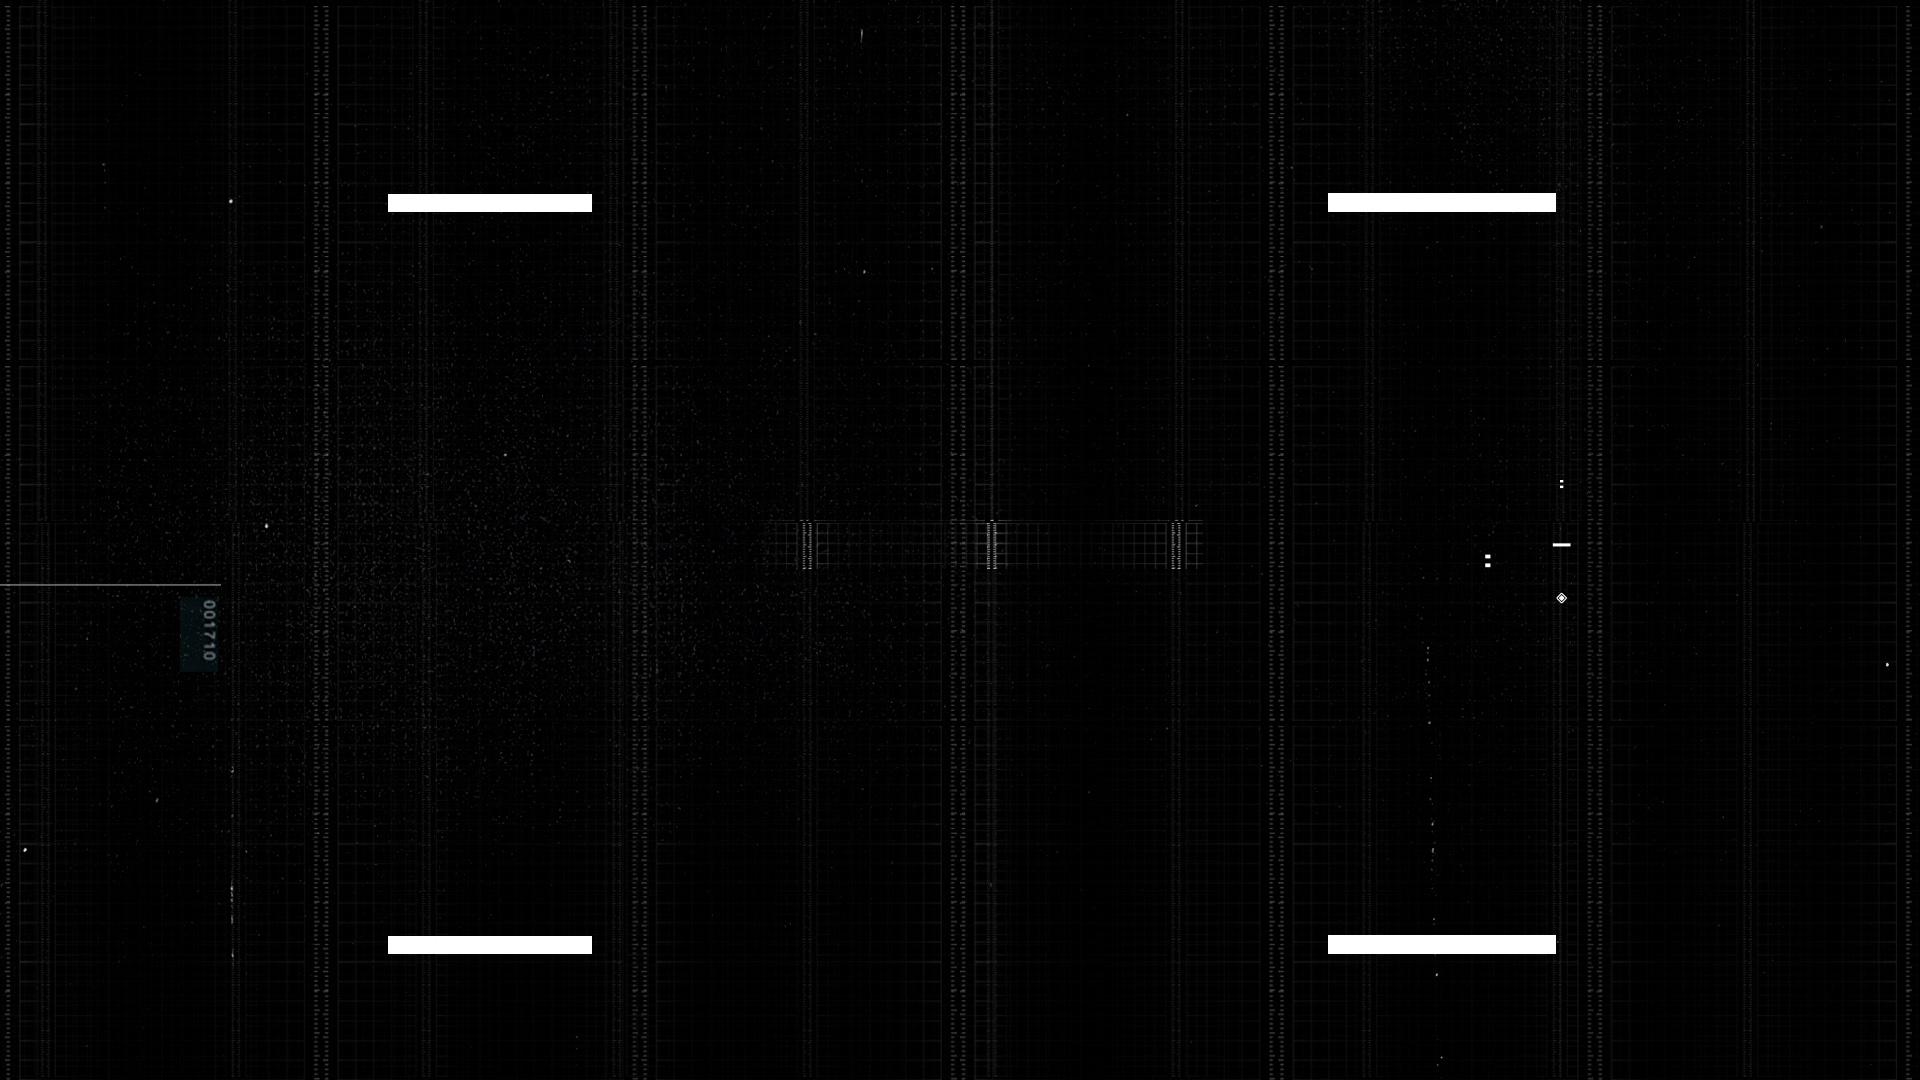 TECPX-10c.jpg